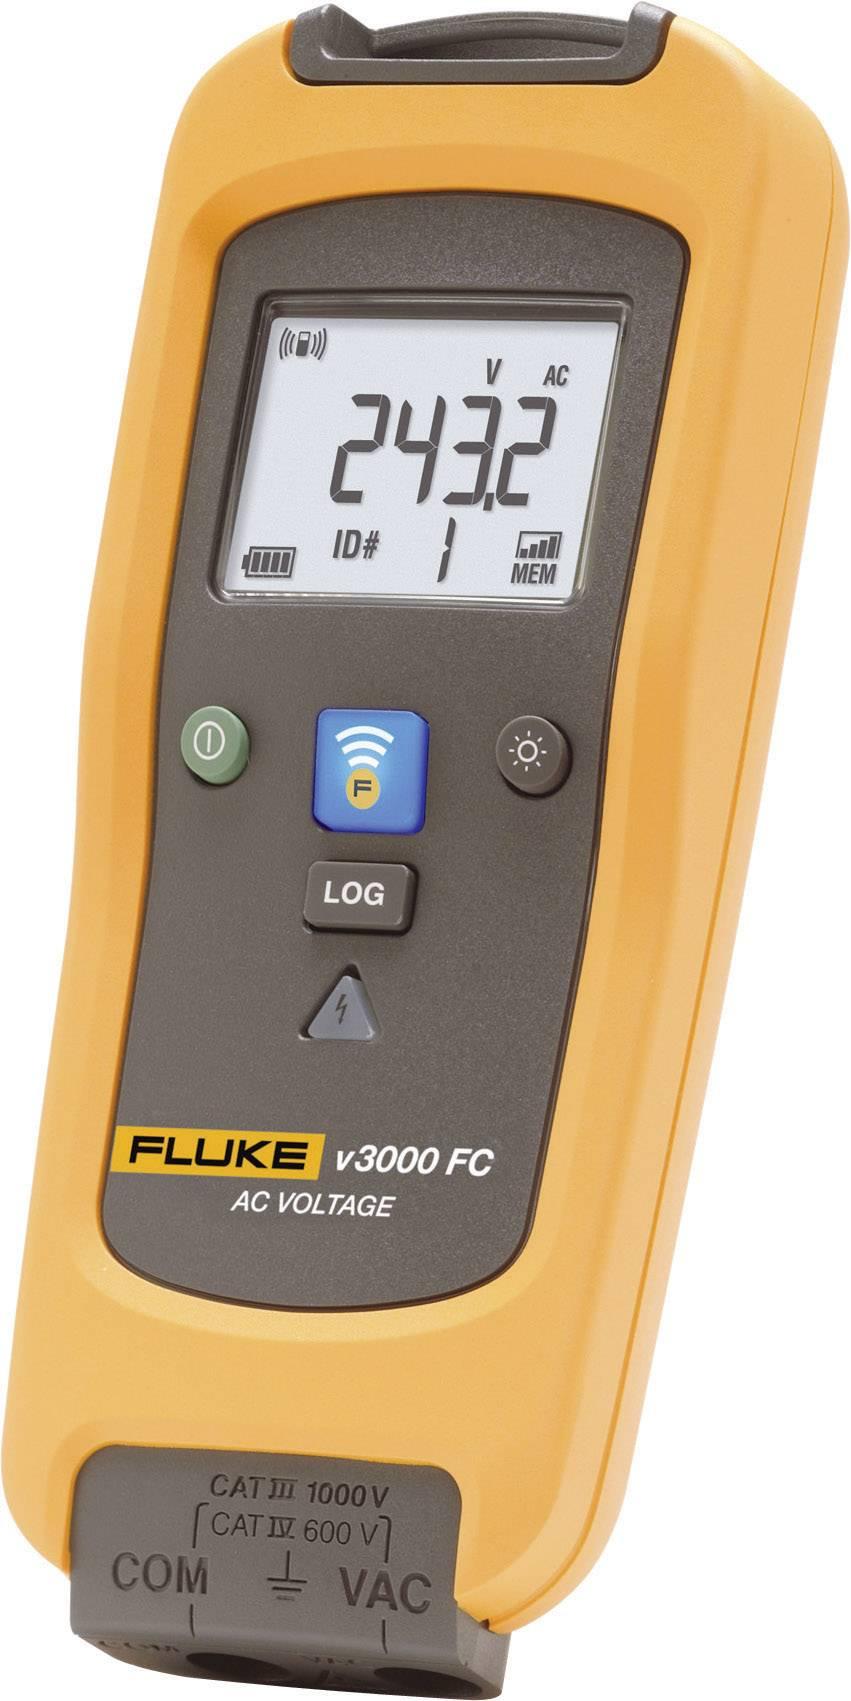 Bezdrátový modul pro měření napětí Fluke FLK-V3000 FC, Fluke Connect, 4401556